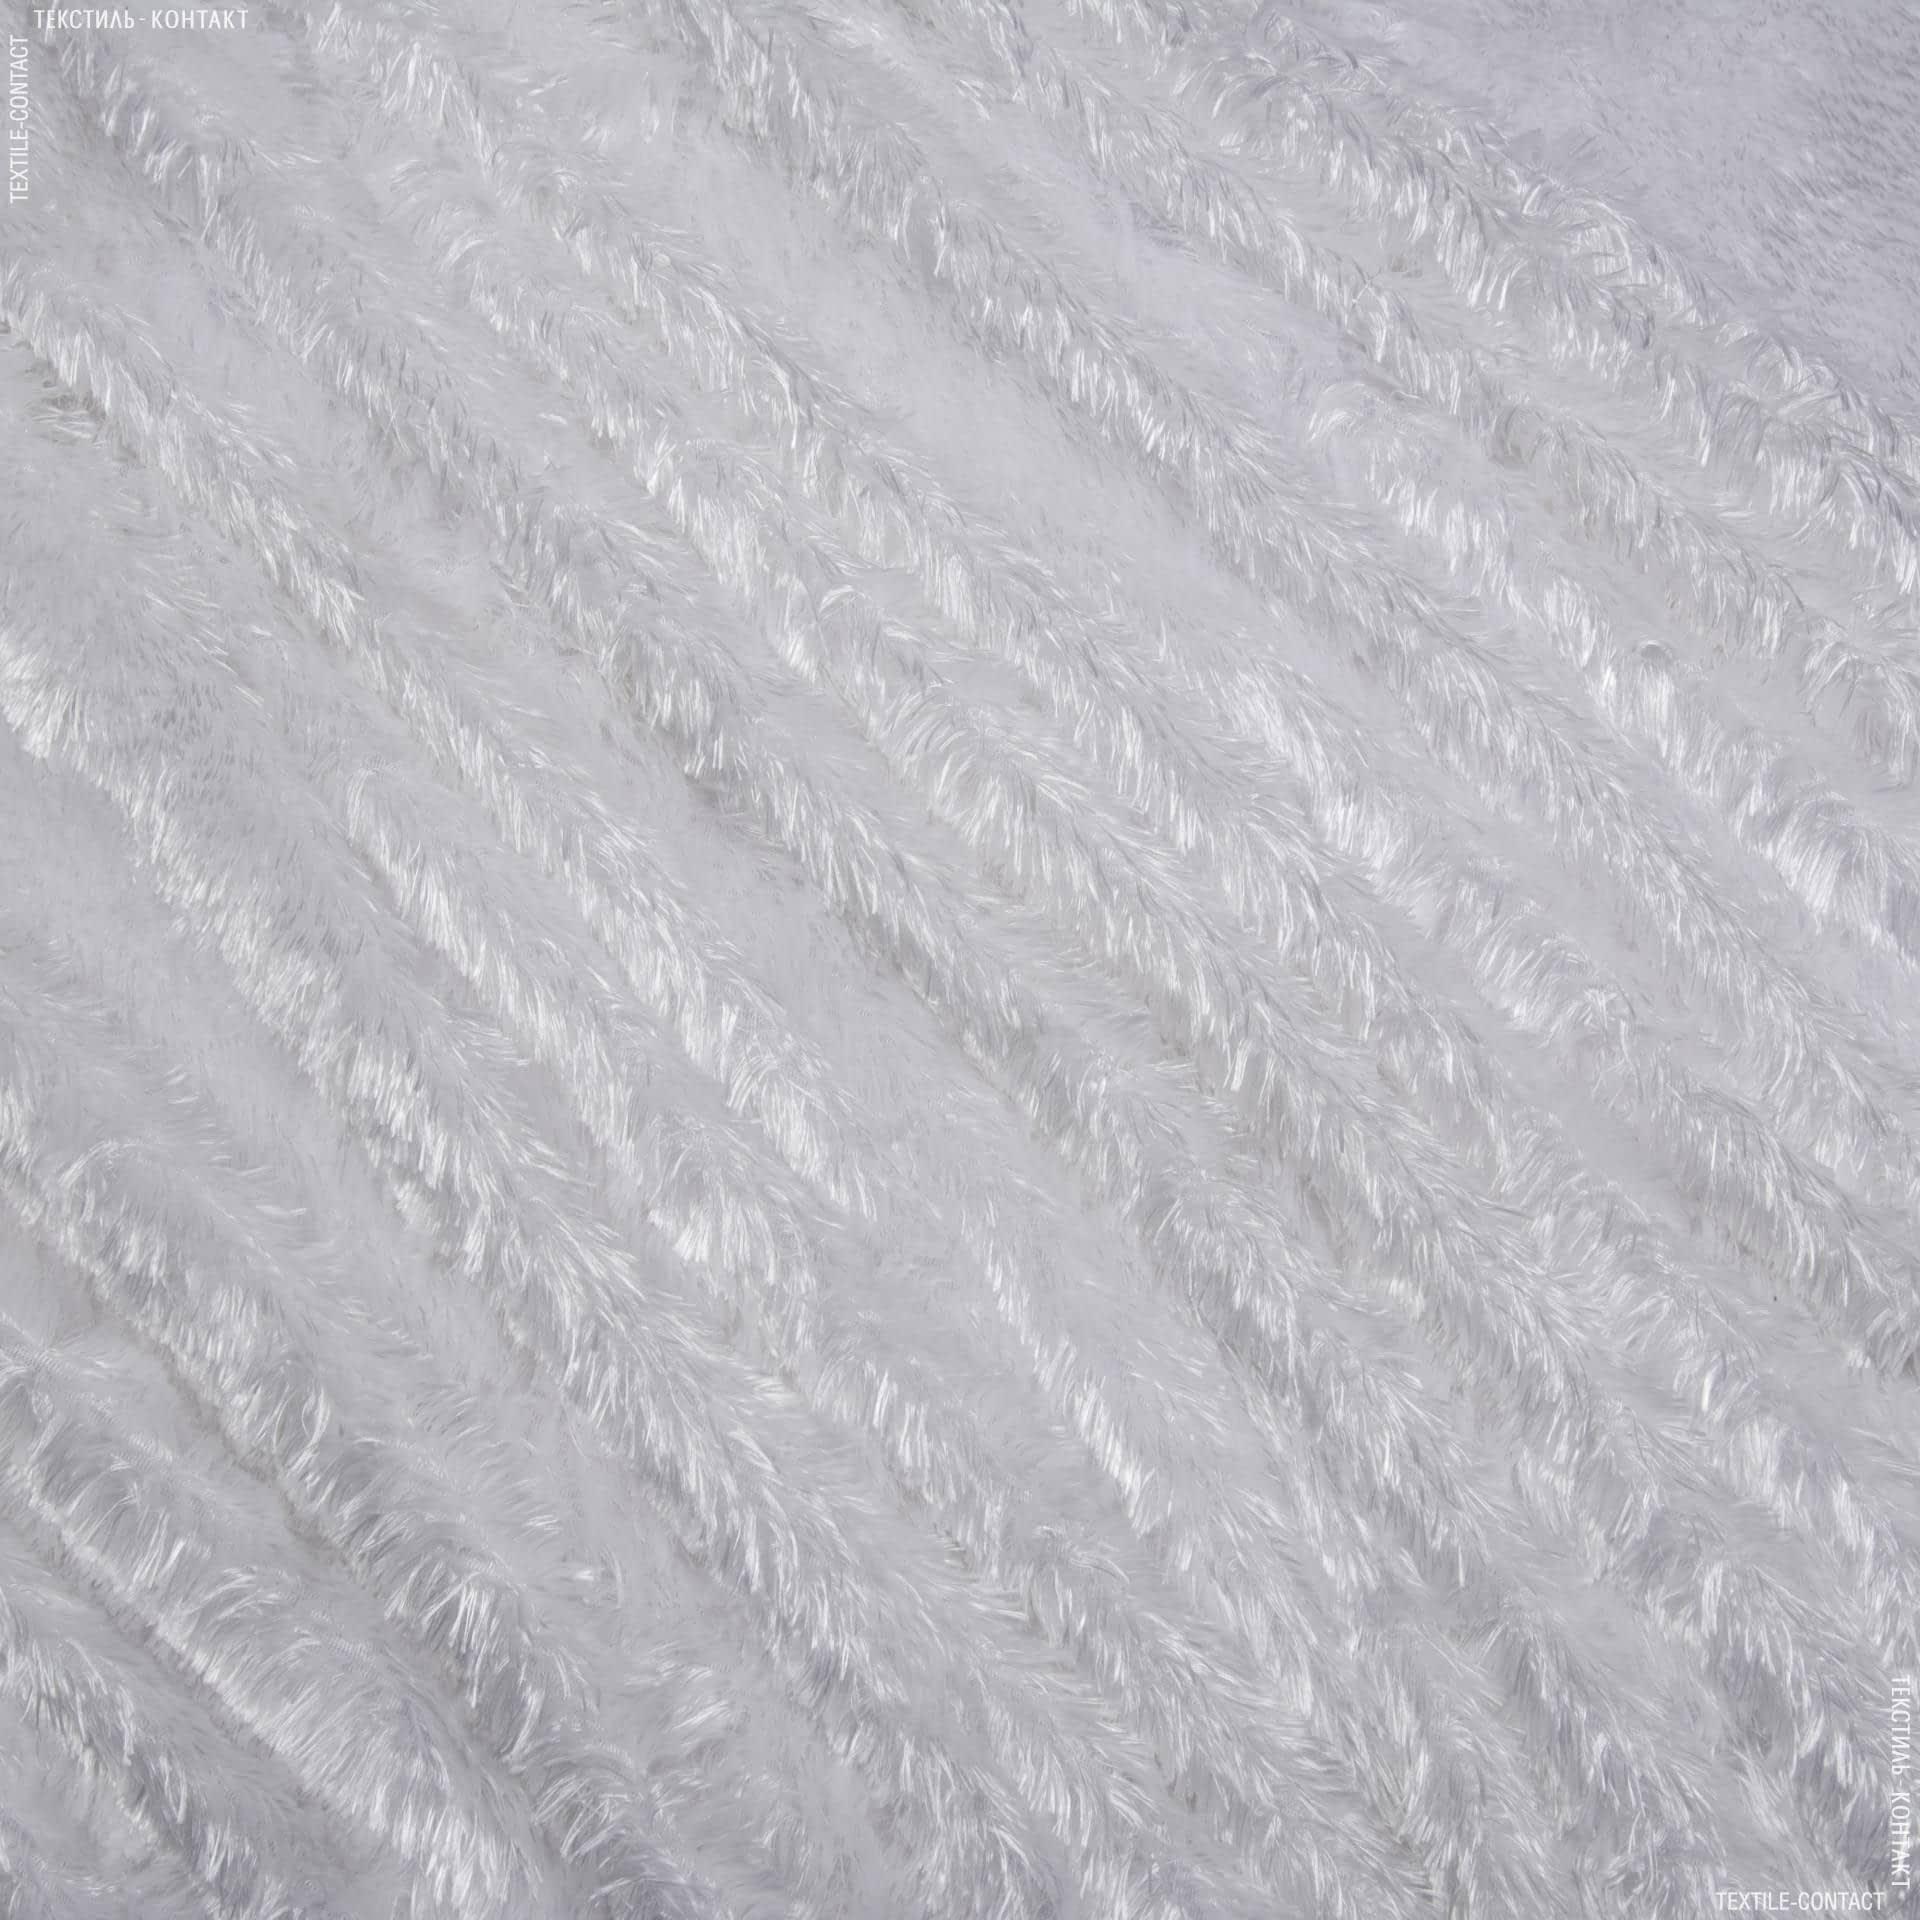 Тканини для верхнього одягу - Хутро травка вибілене